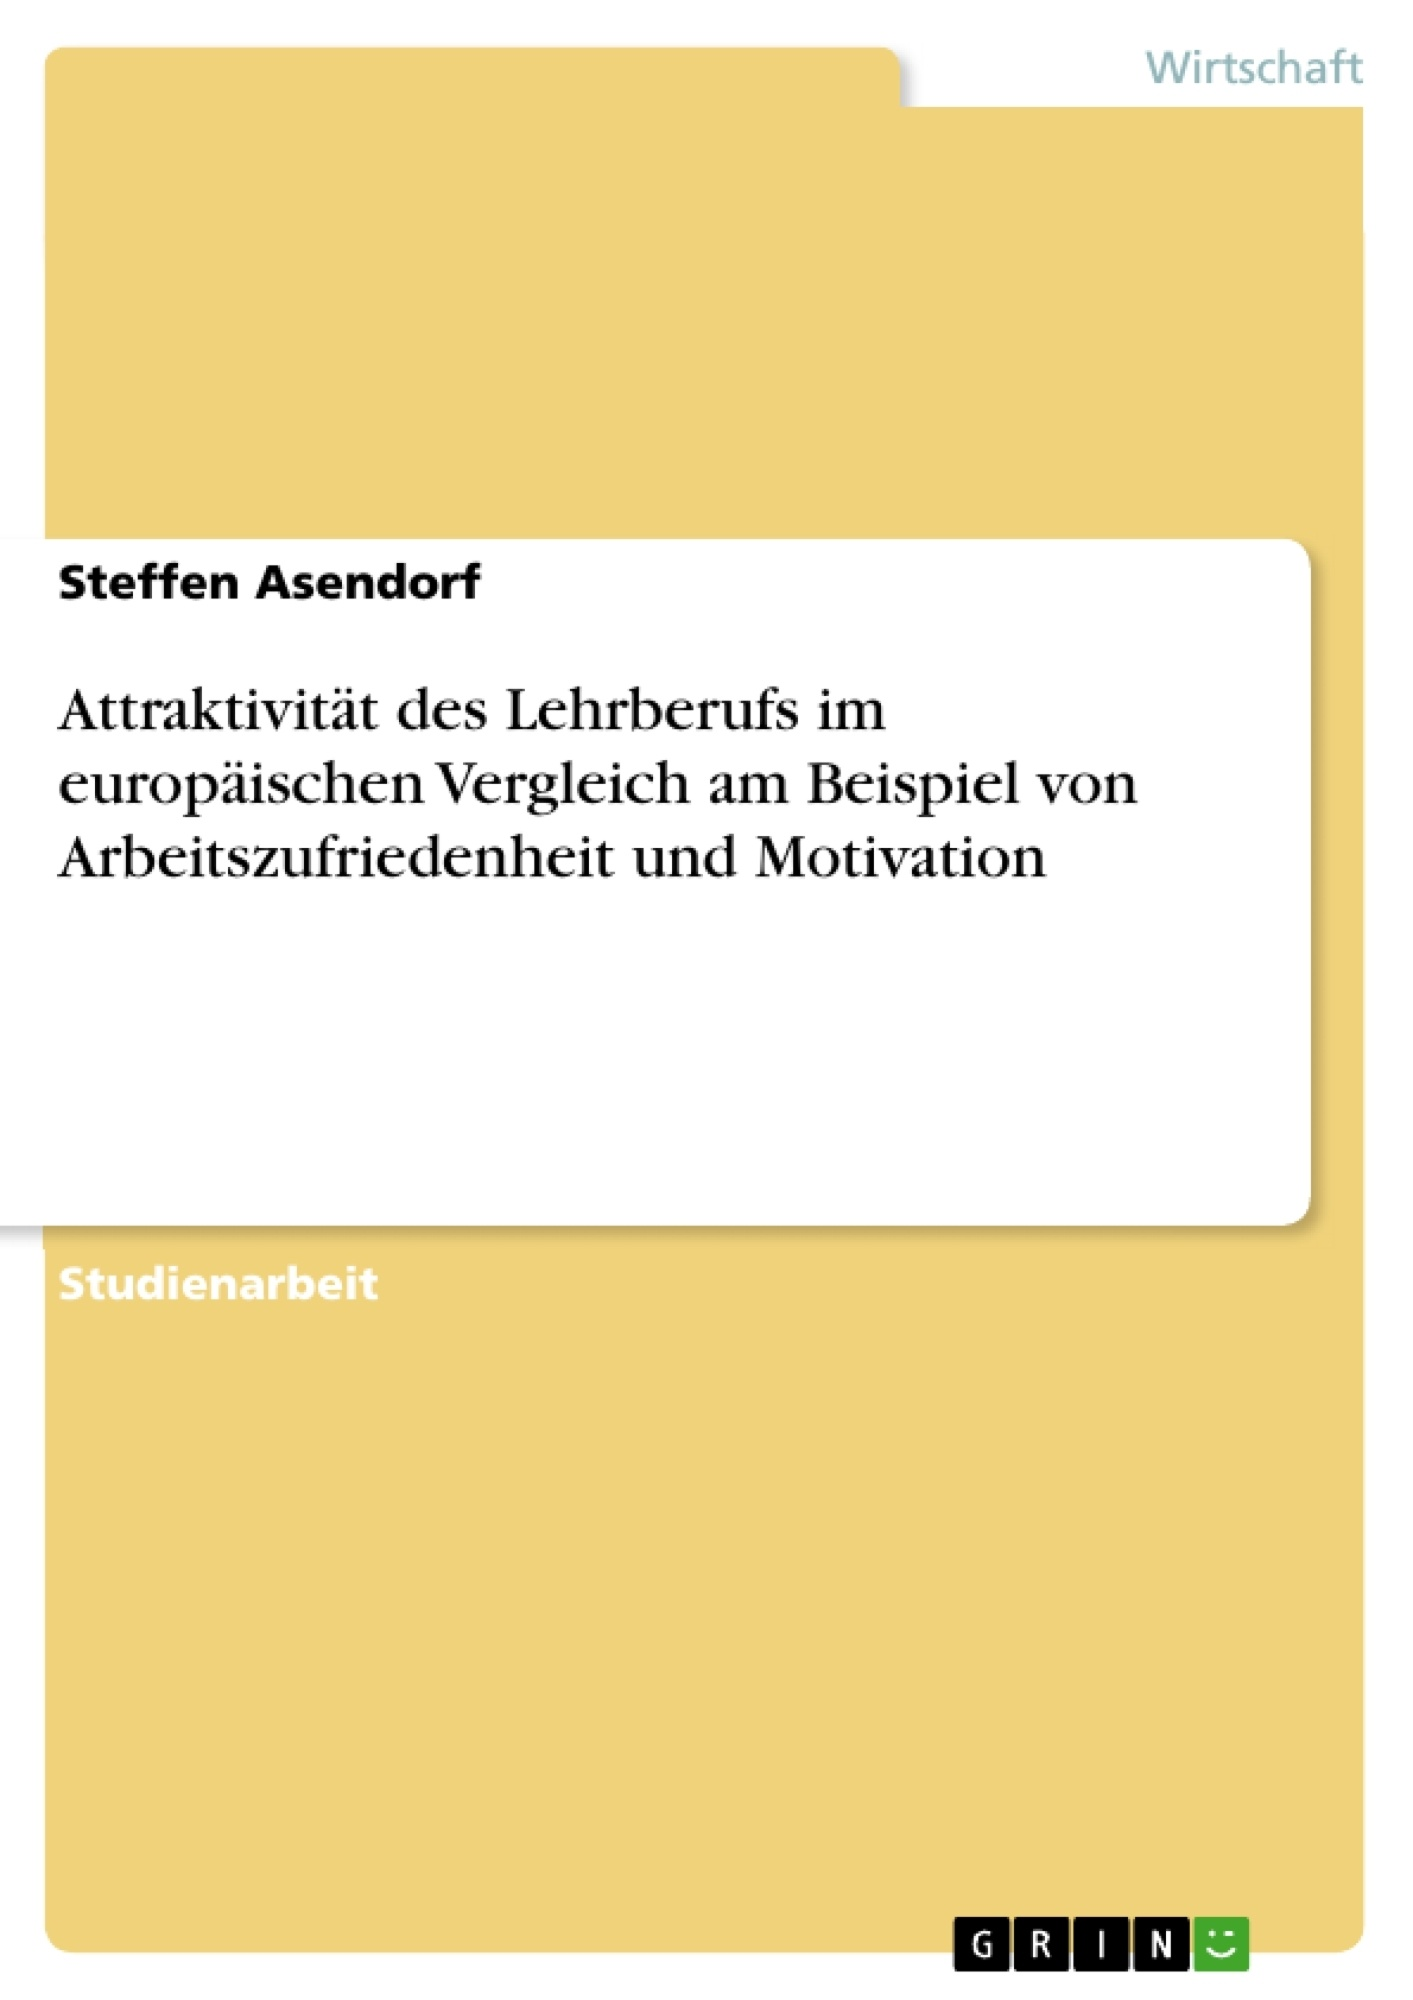 Titel: Attraktivität des Lehrberufs im europäischen Vergleich am Beispiel von Arbeitszufriedenheit und Motivation